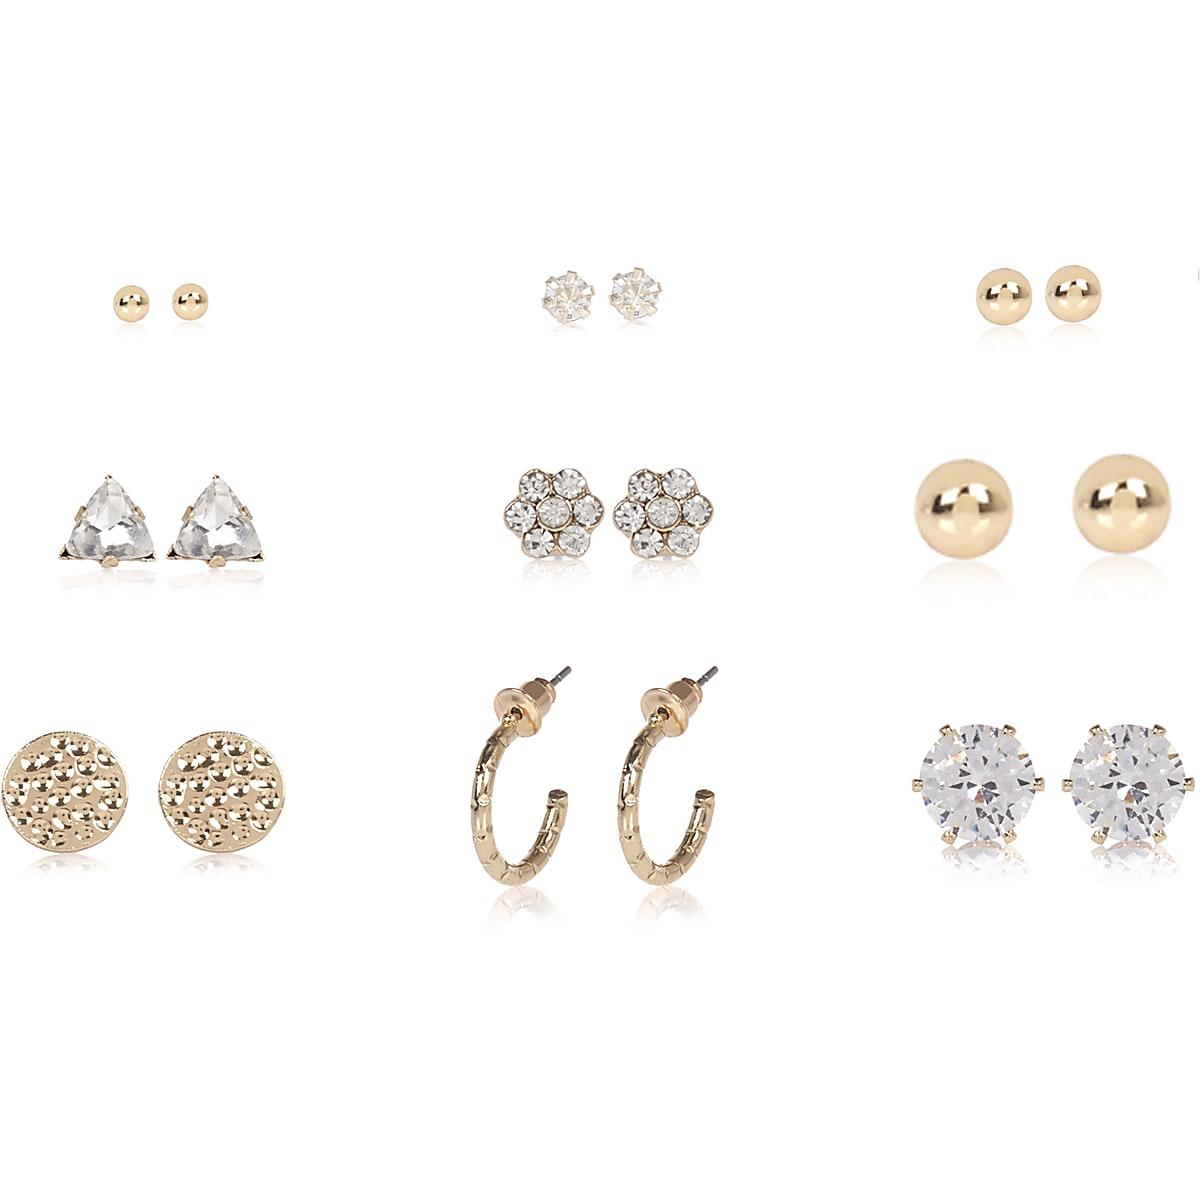 Gold tone rhinestone stud earrings pack